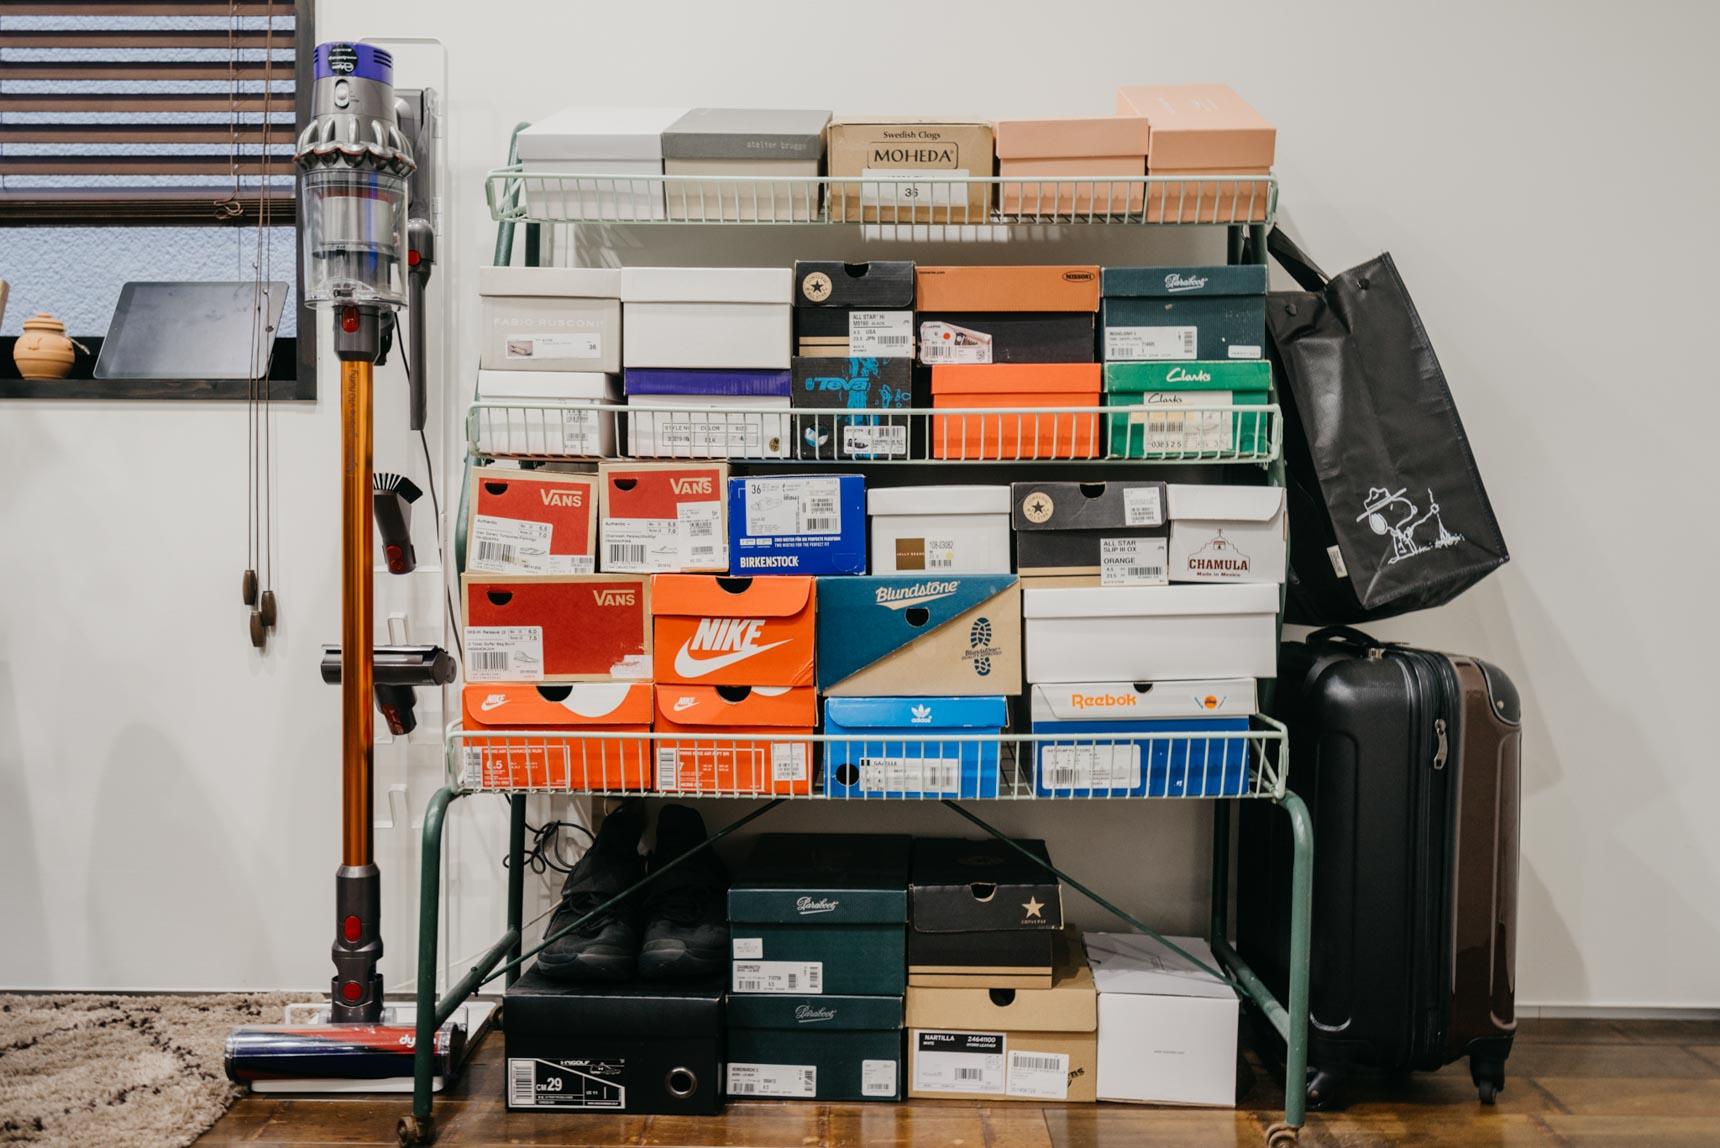 スニーカーを山ほど持っている二人暮らしのお部屋では、あえてリビングに箱ごと並べて収納していました。色味を合わせて積み上げることでインテリアの一つになっていますね。